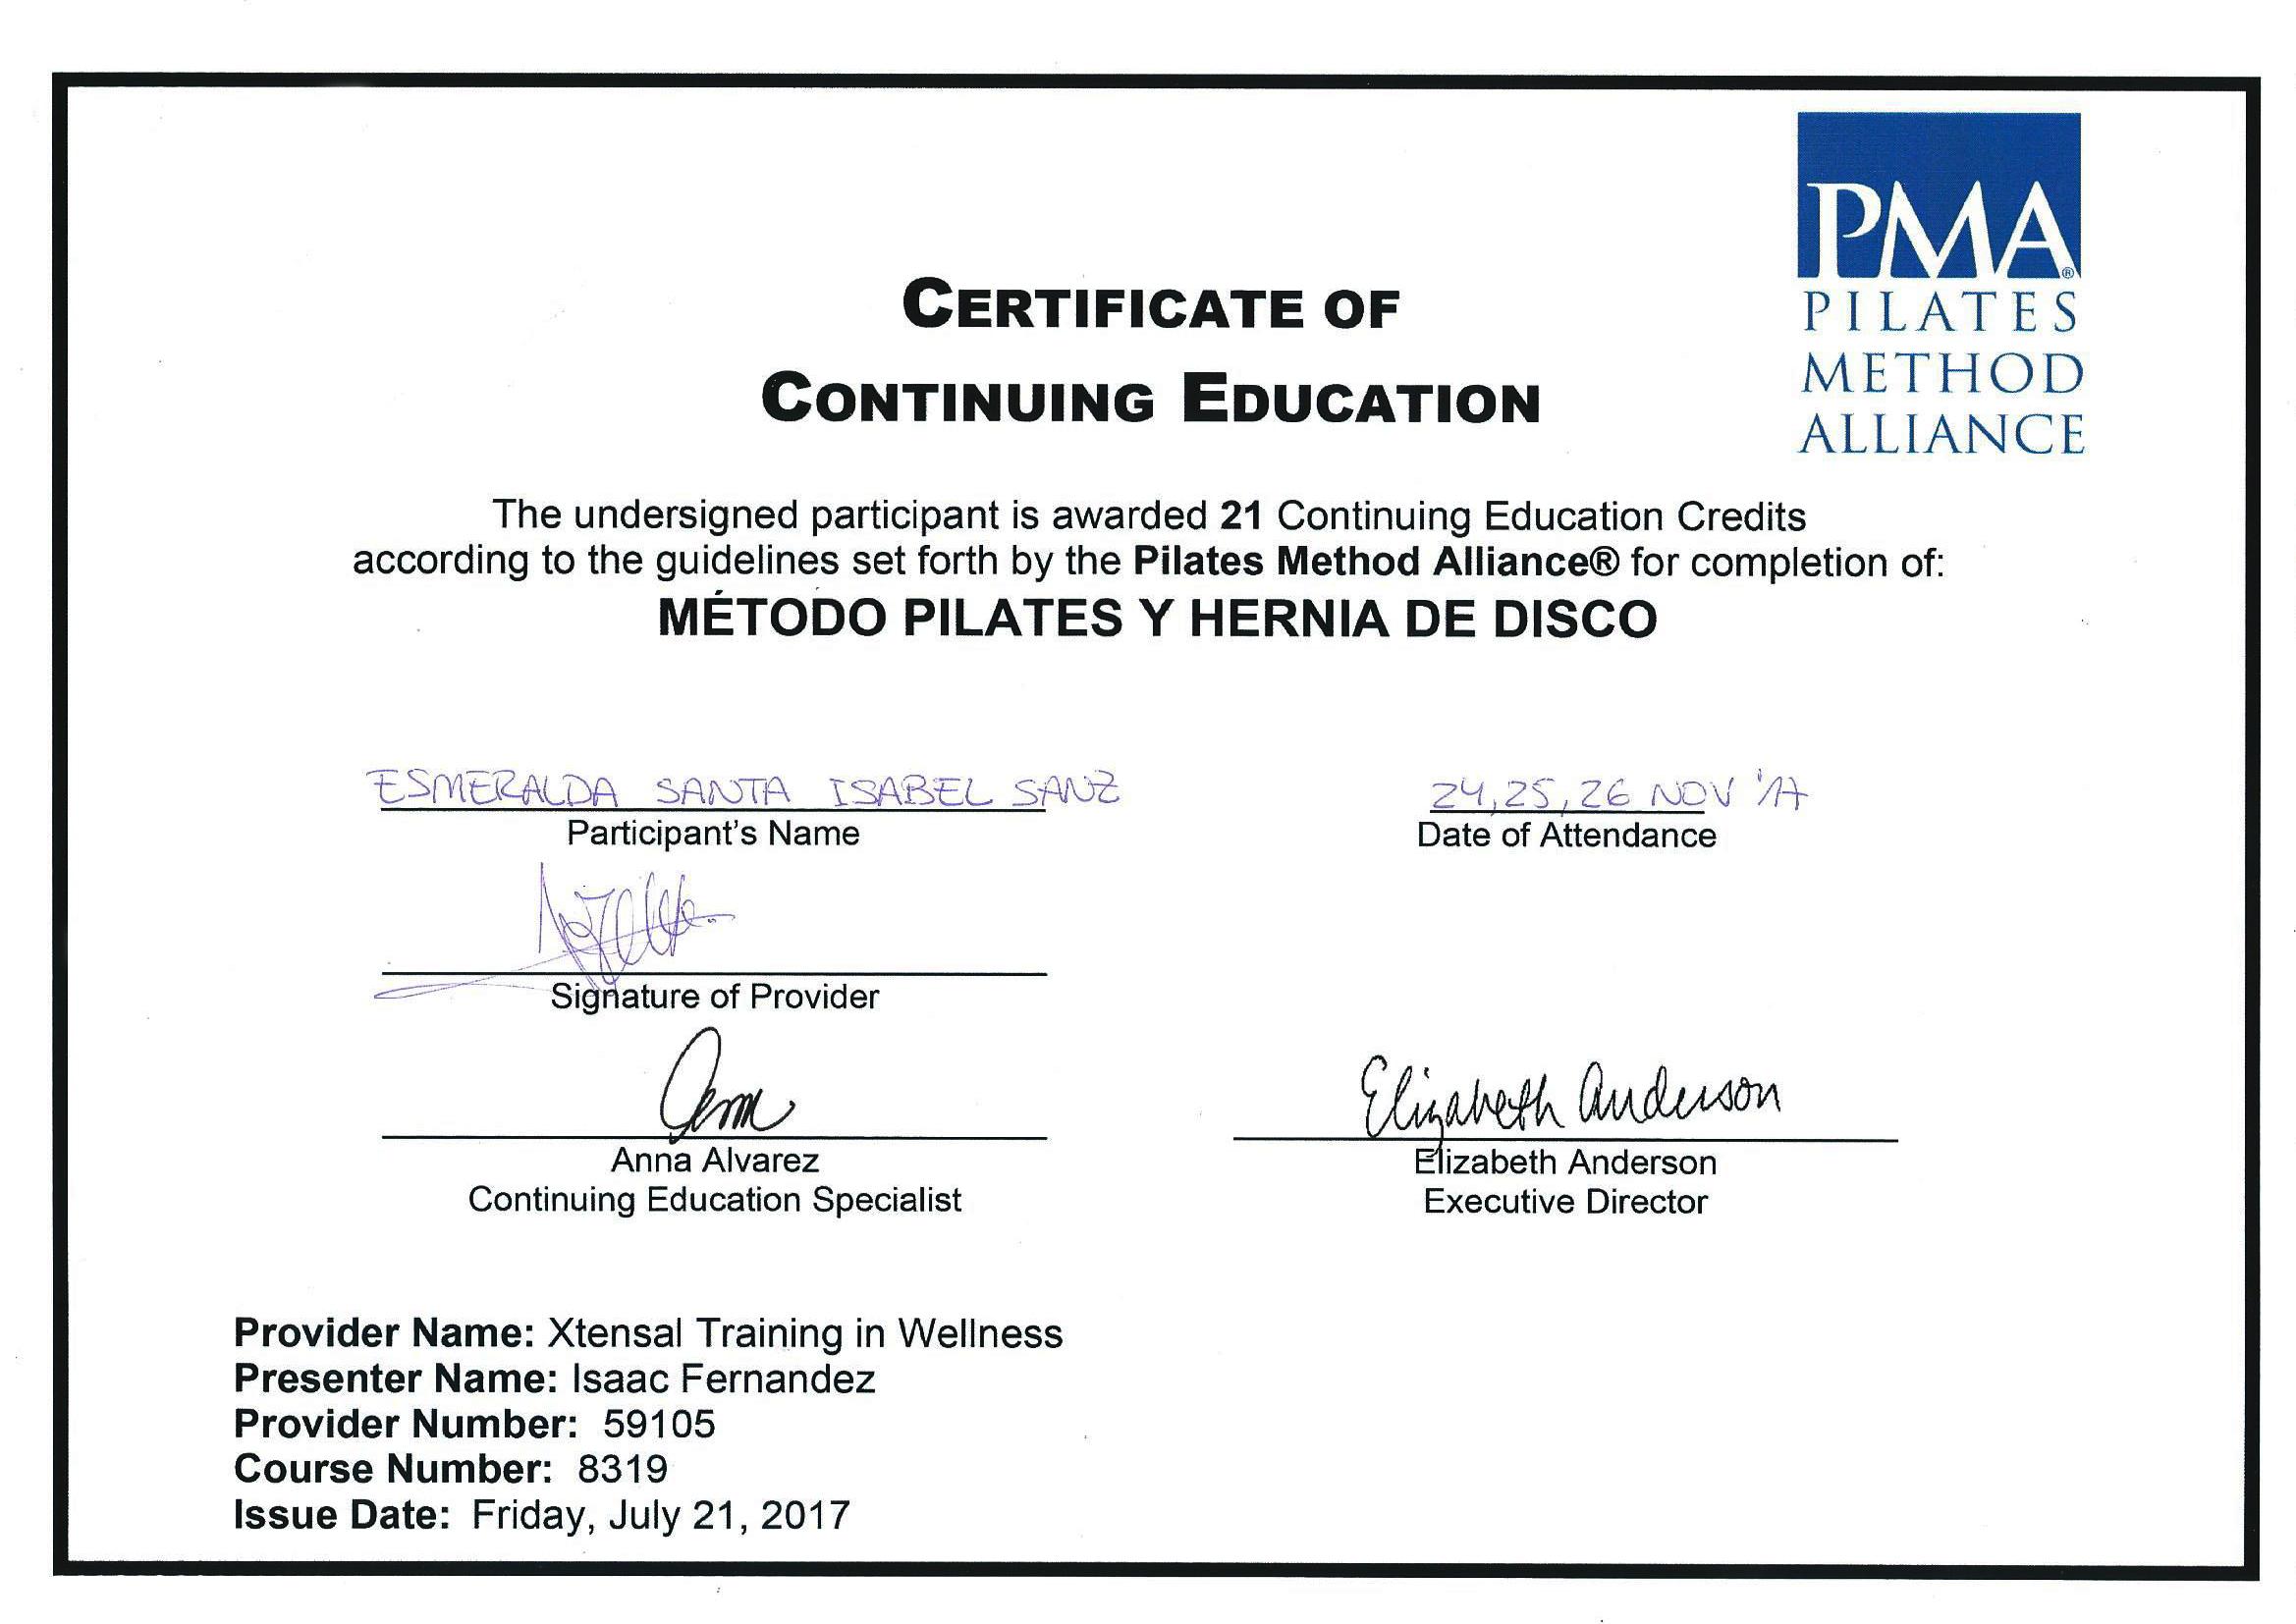 METODO PILATES Y HERNIA DE DISCO 2017